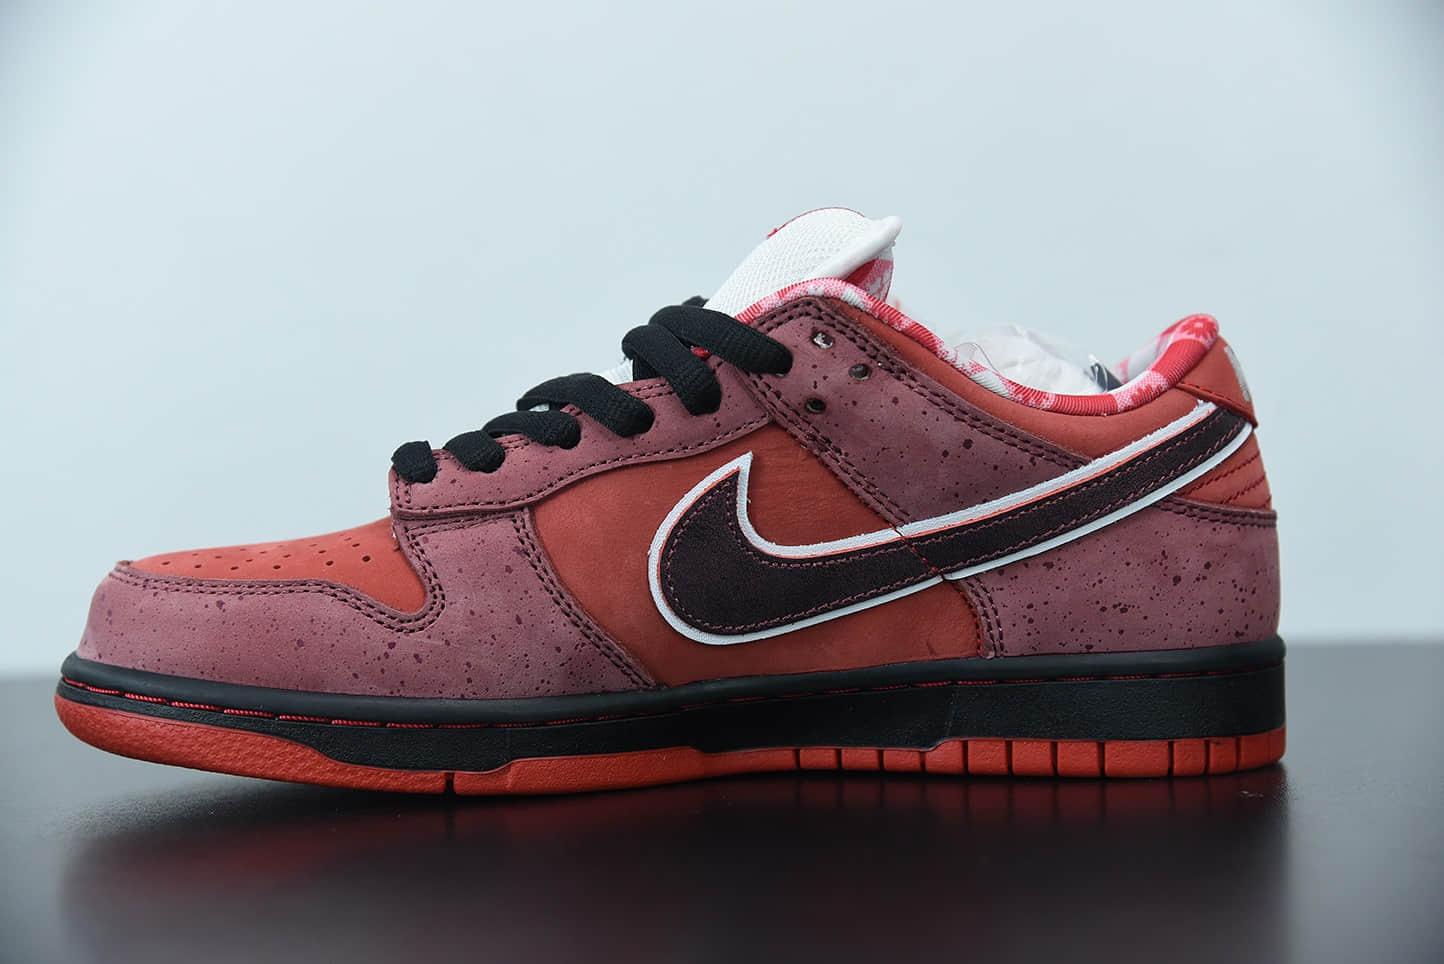 耐克Nike SB Dunk Low Red Lobster 红龙虾扣篮系列复古低帮休闲运动滑板板鞋纯原版本 货号:313170-661